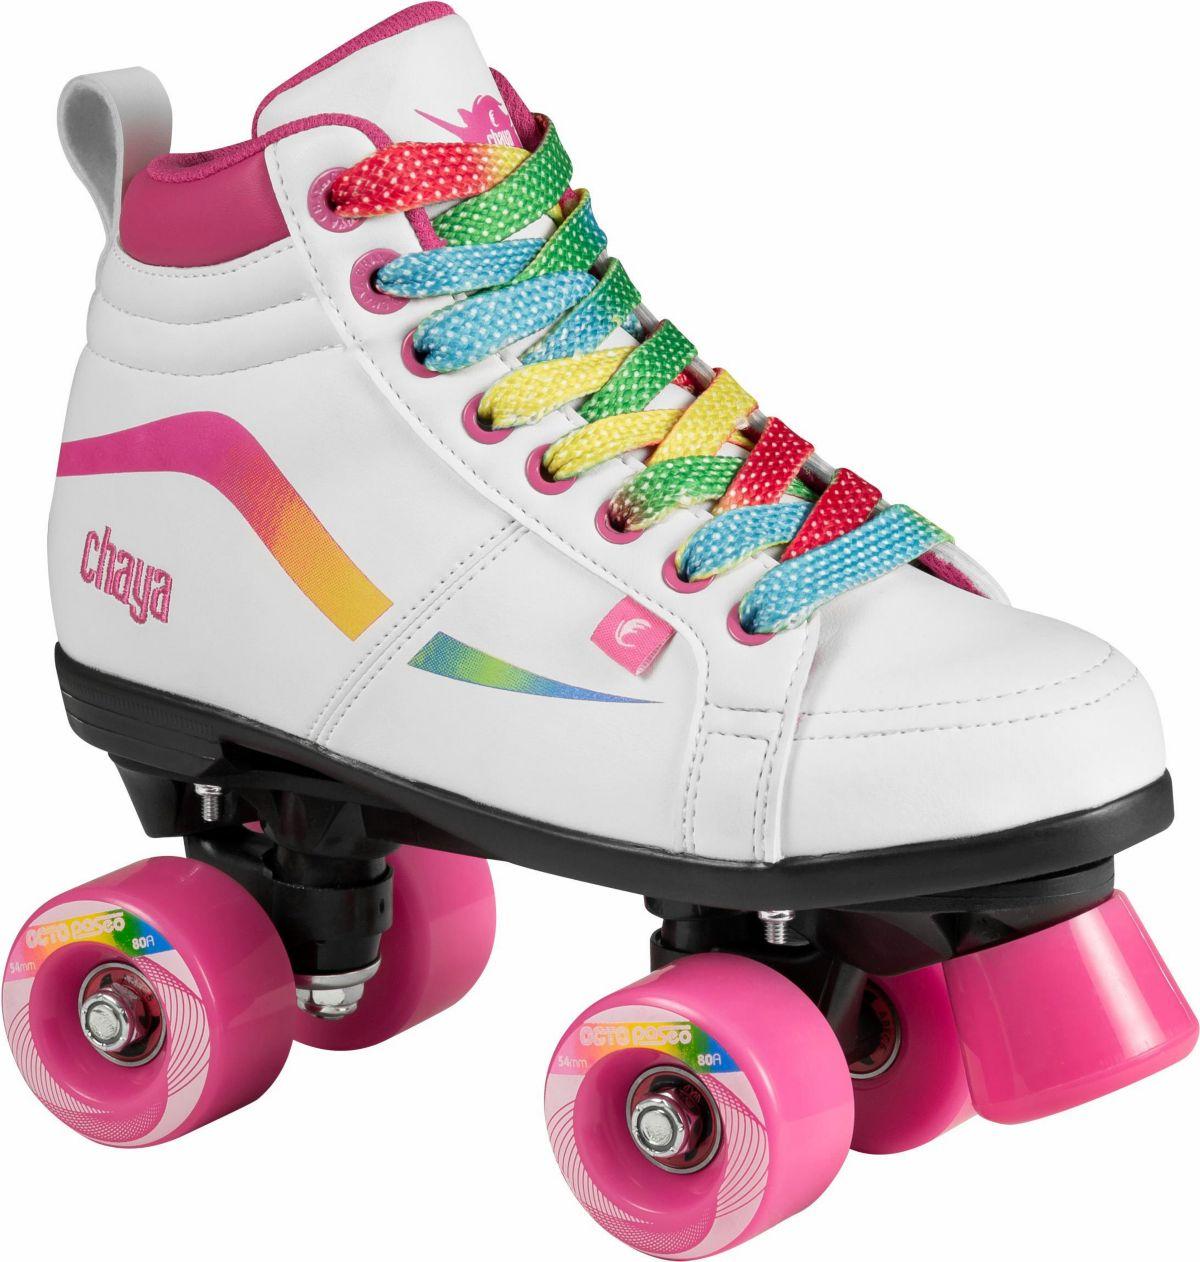 Chaya Rollerskates, weiß-pink, »Glide Kids Unic...